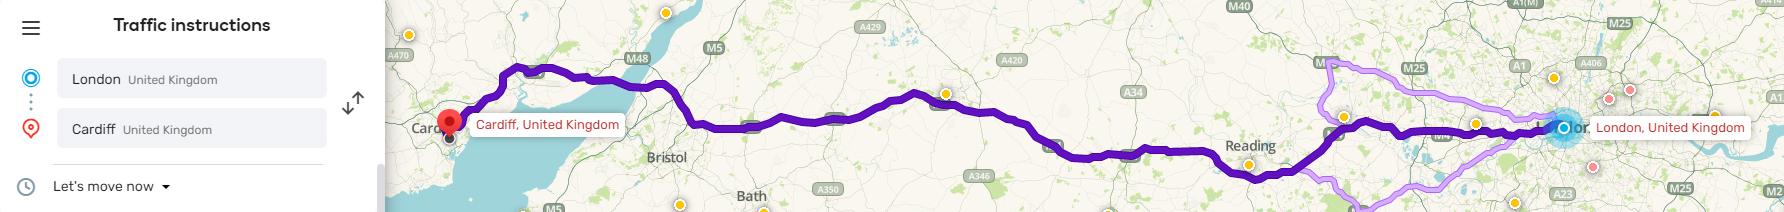 WAZE route planner